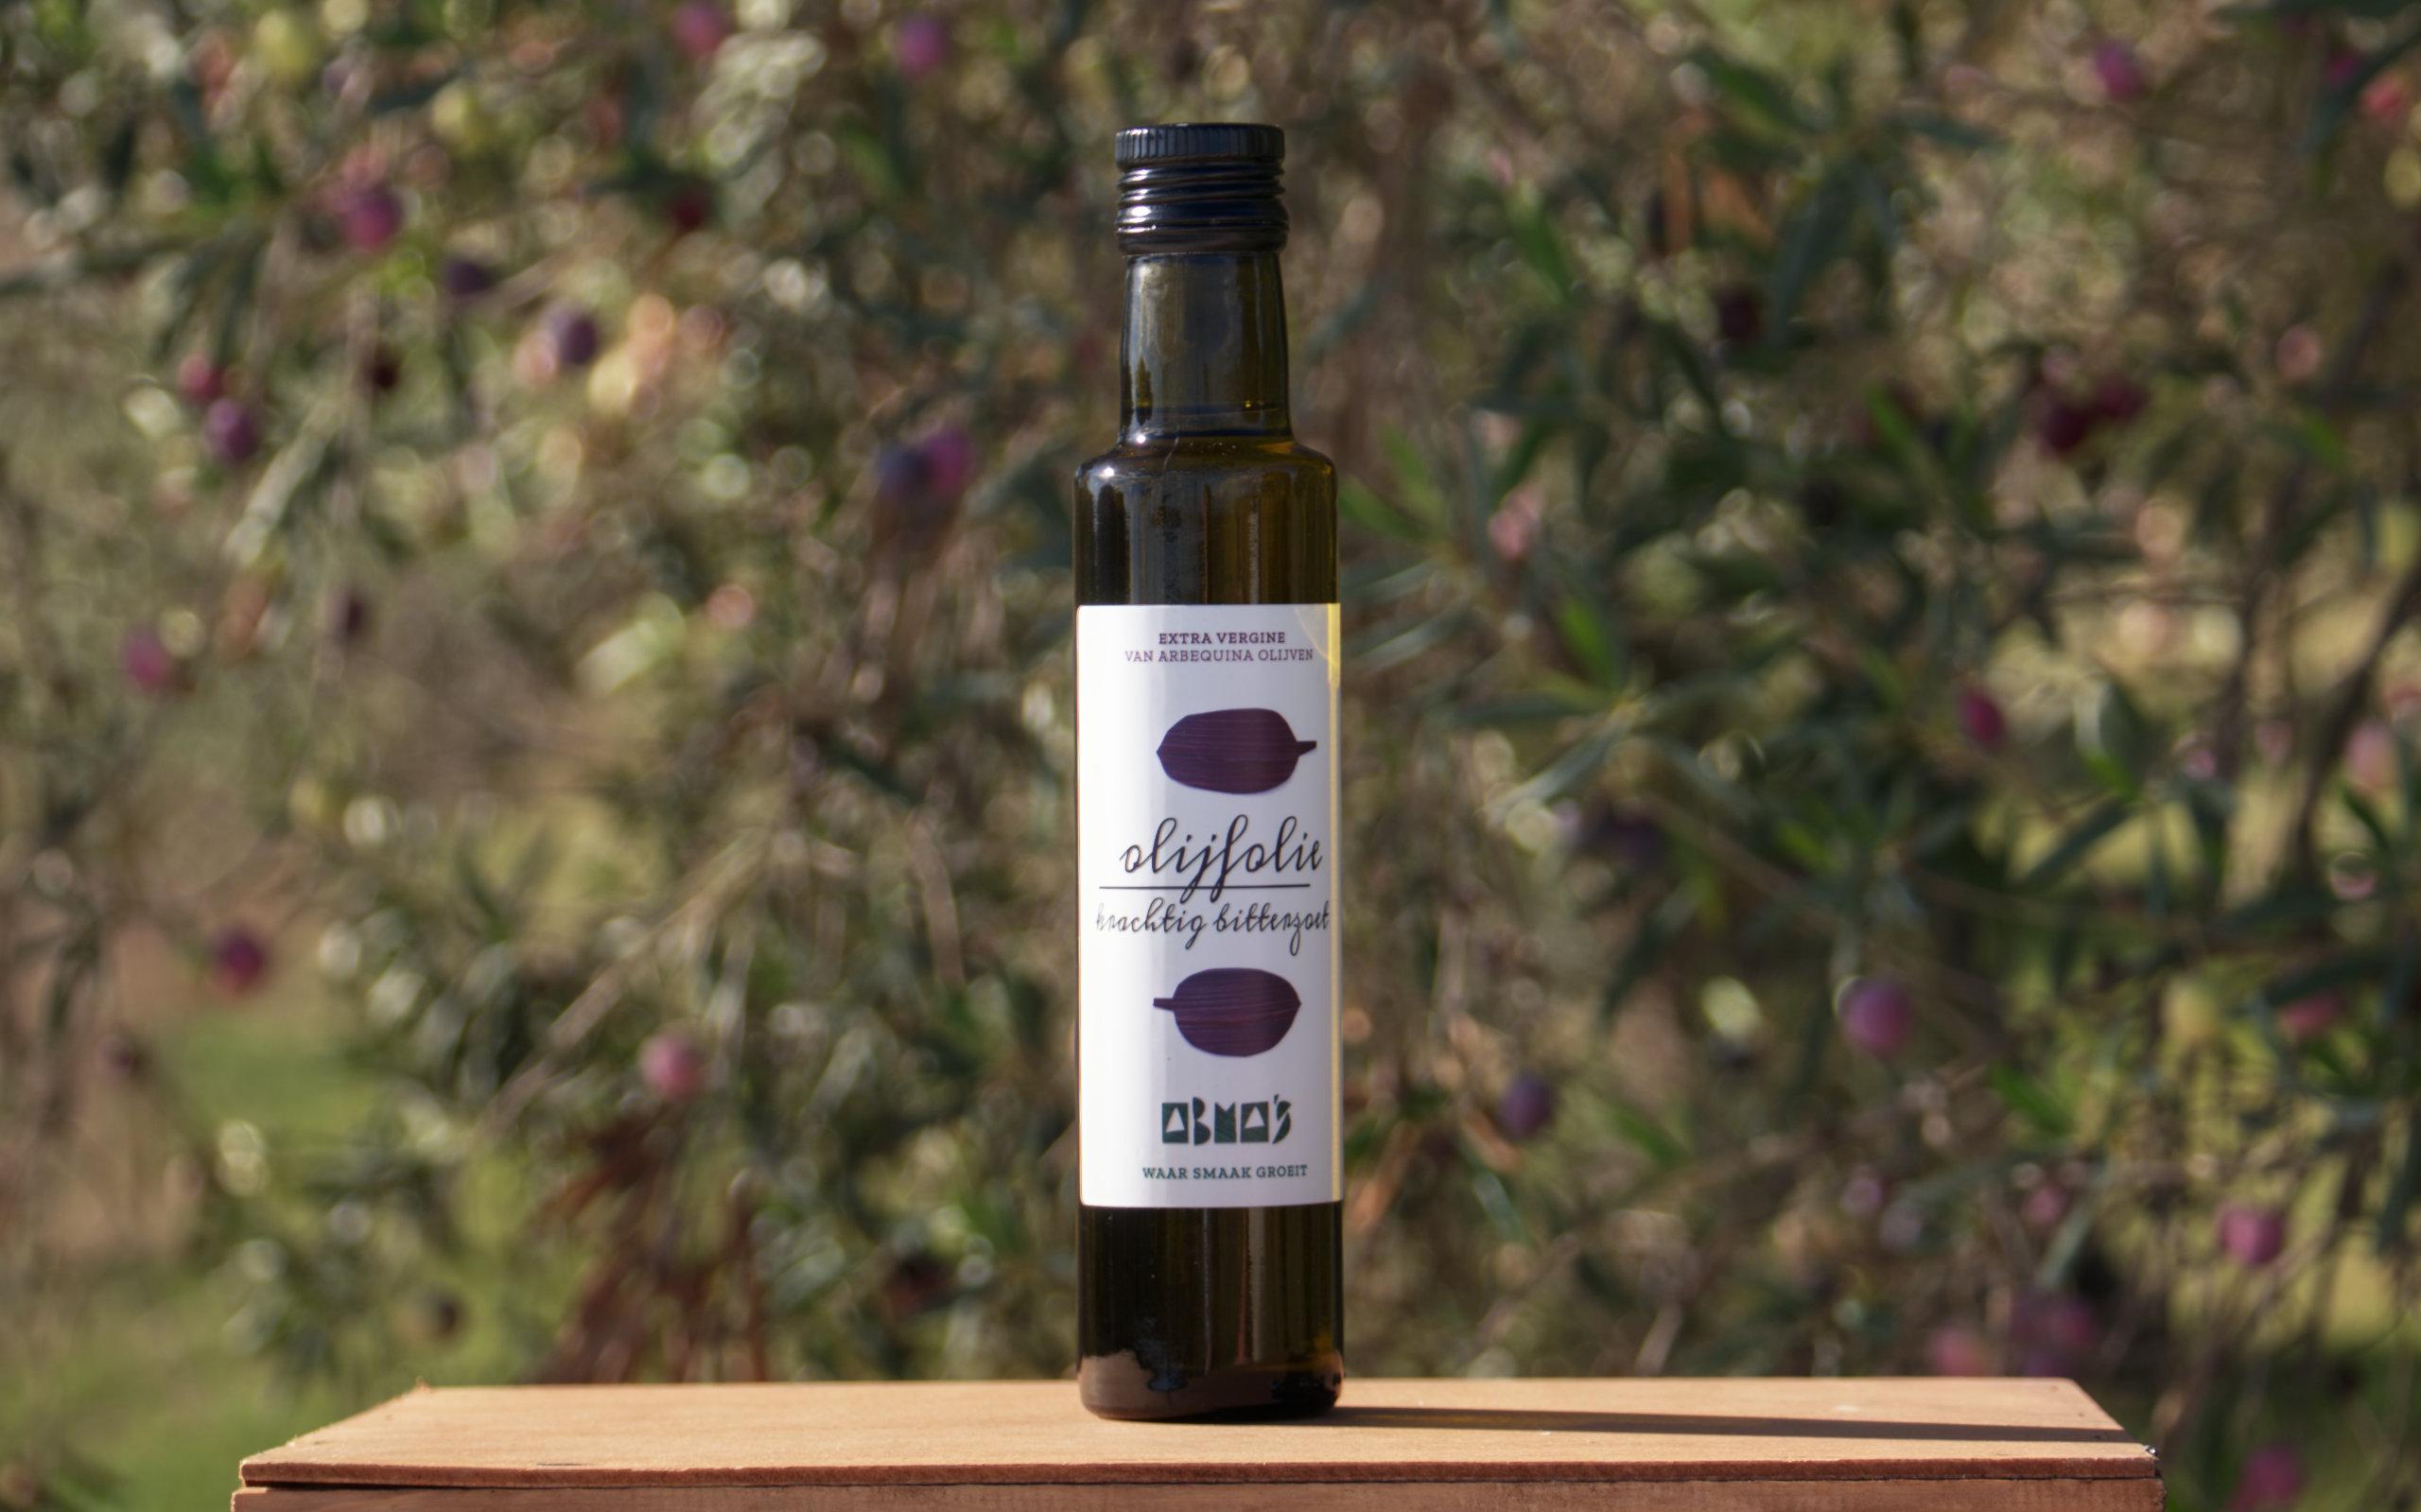 Abma's olijfolie krachtig bitterzoet